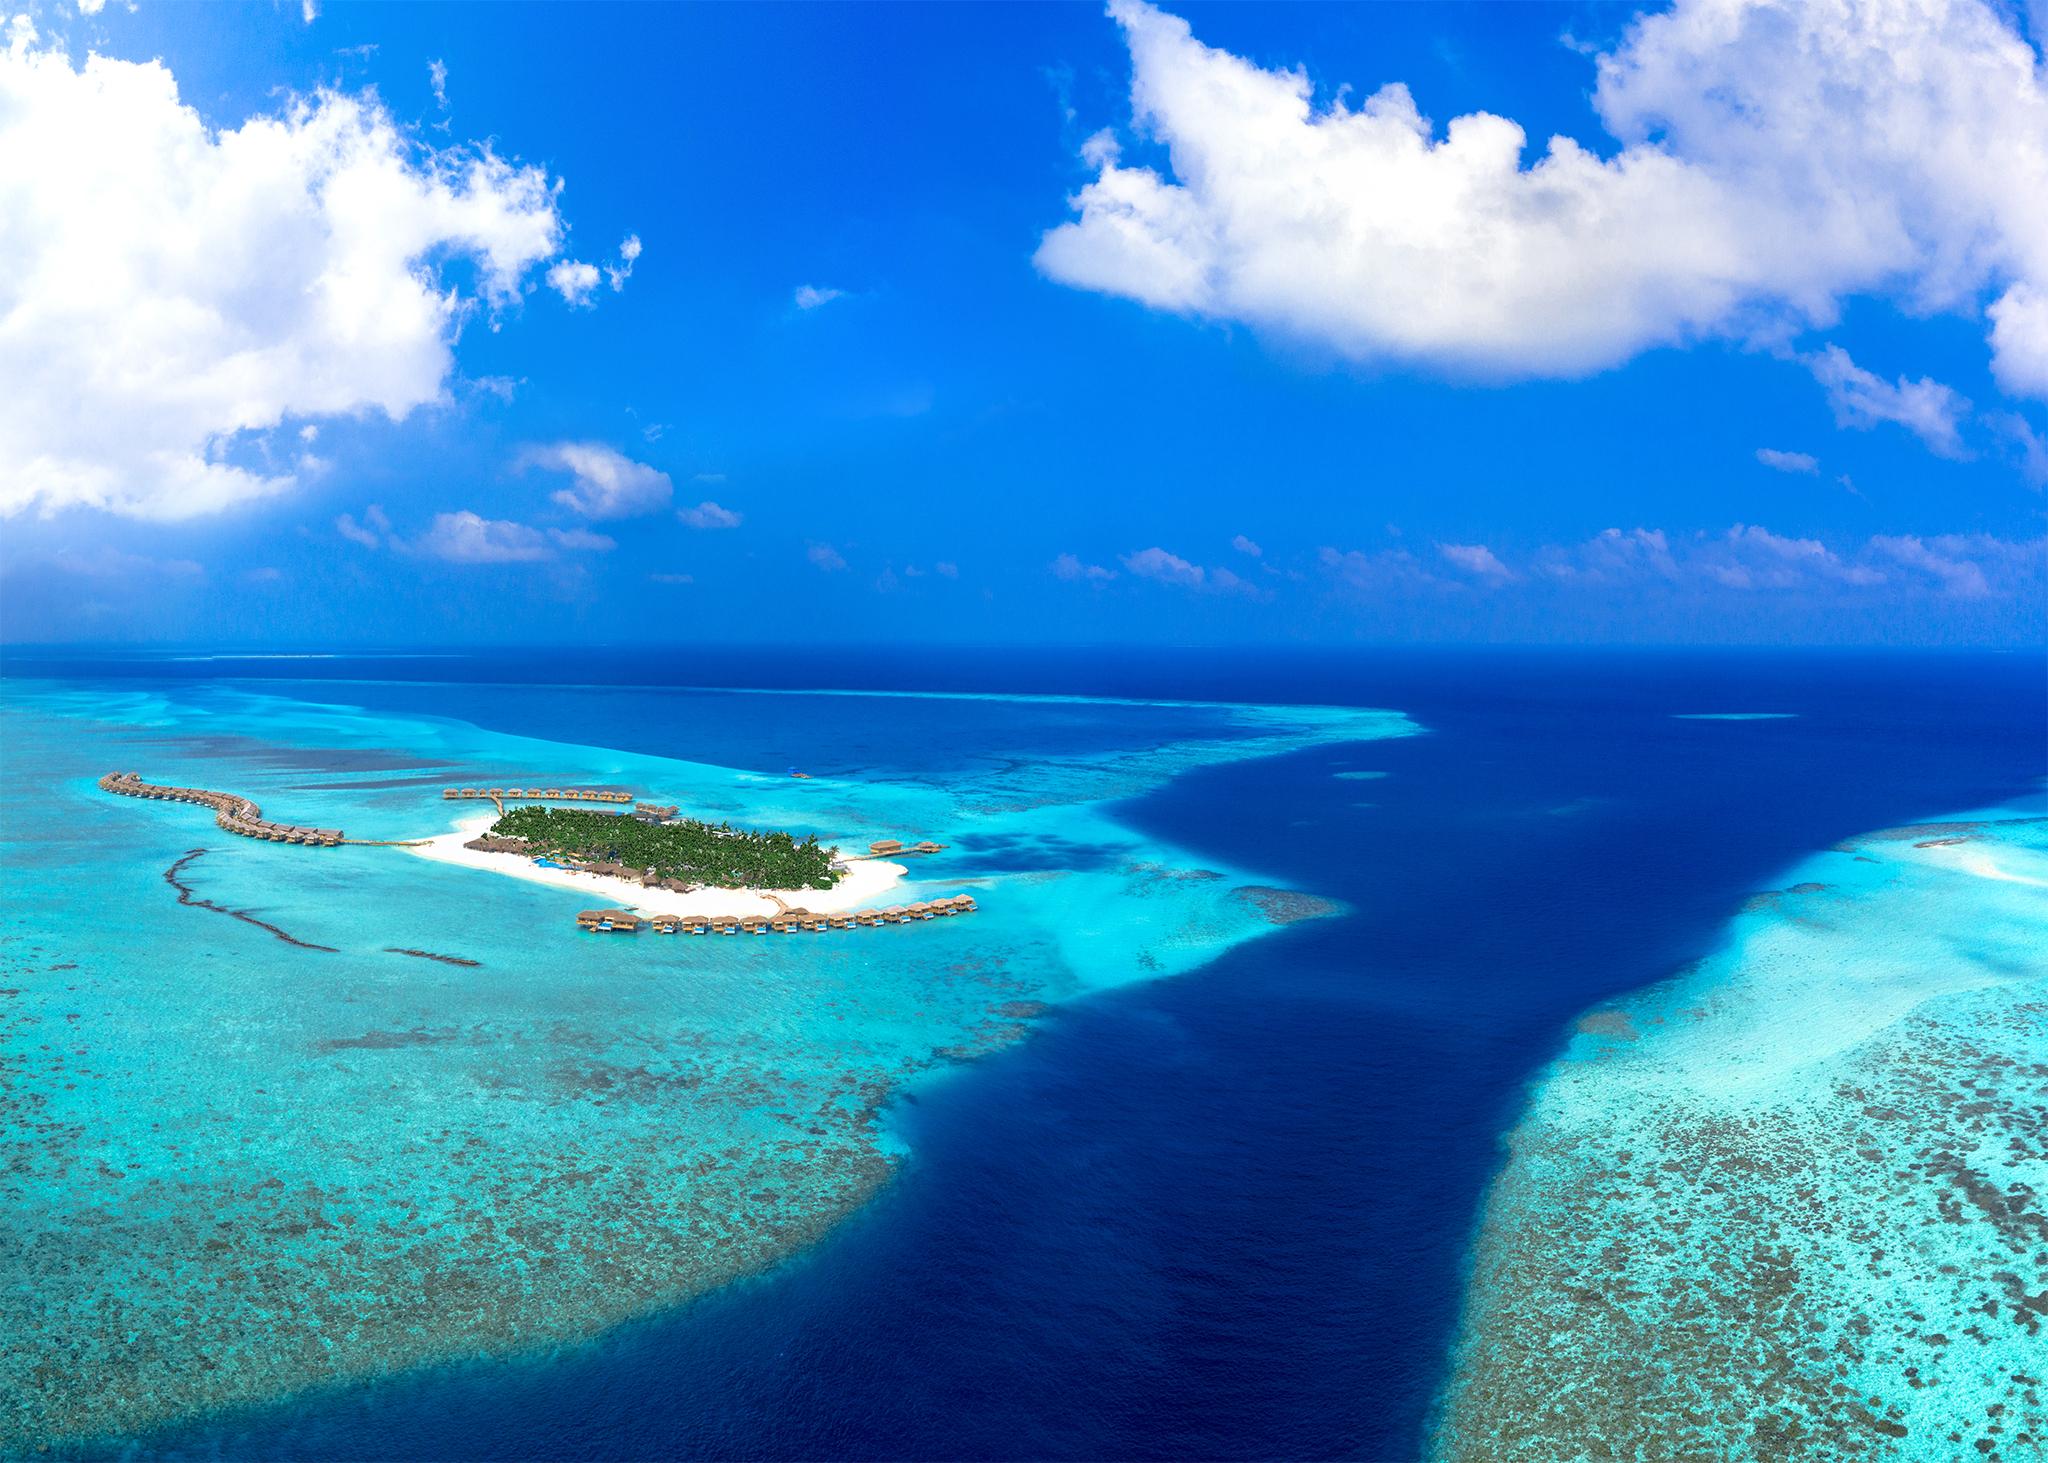 Aerial view youandmemaldives.jpg